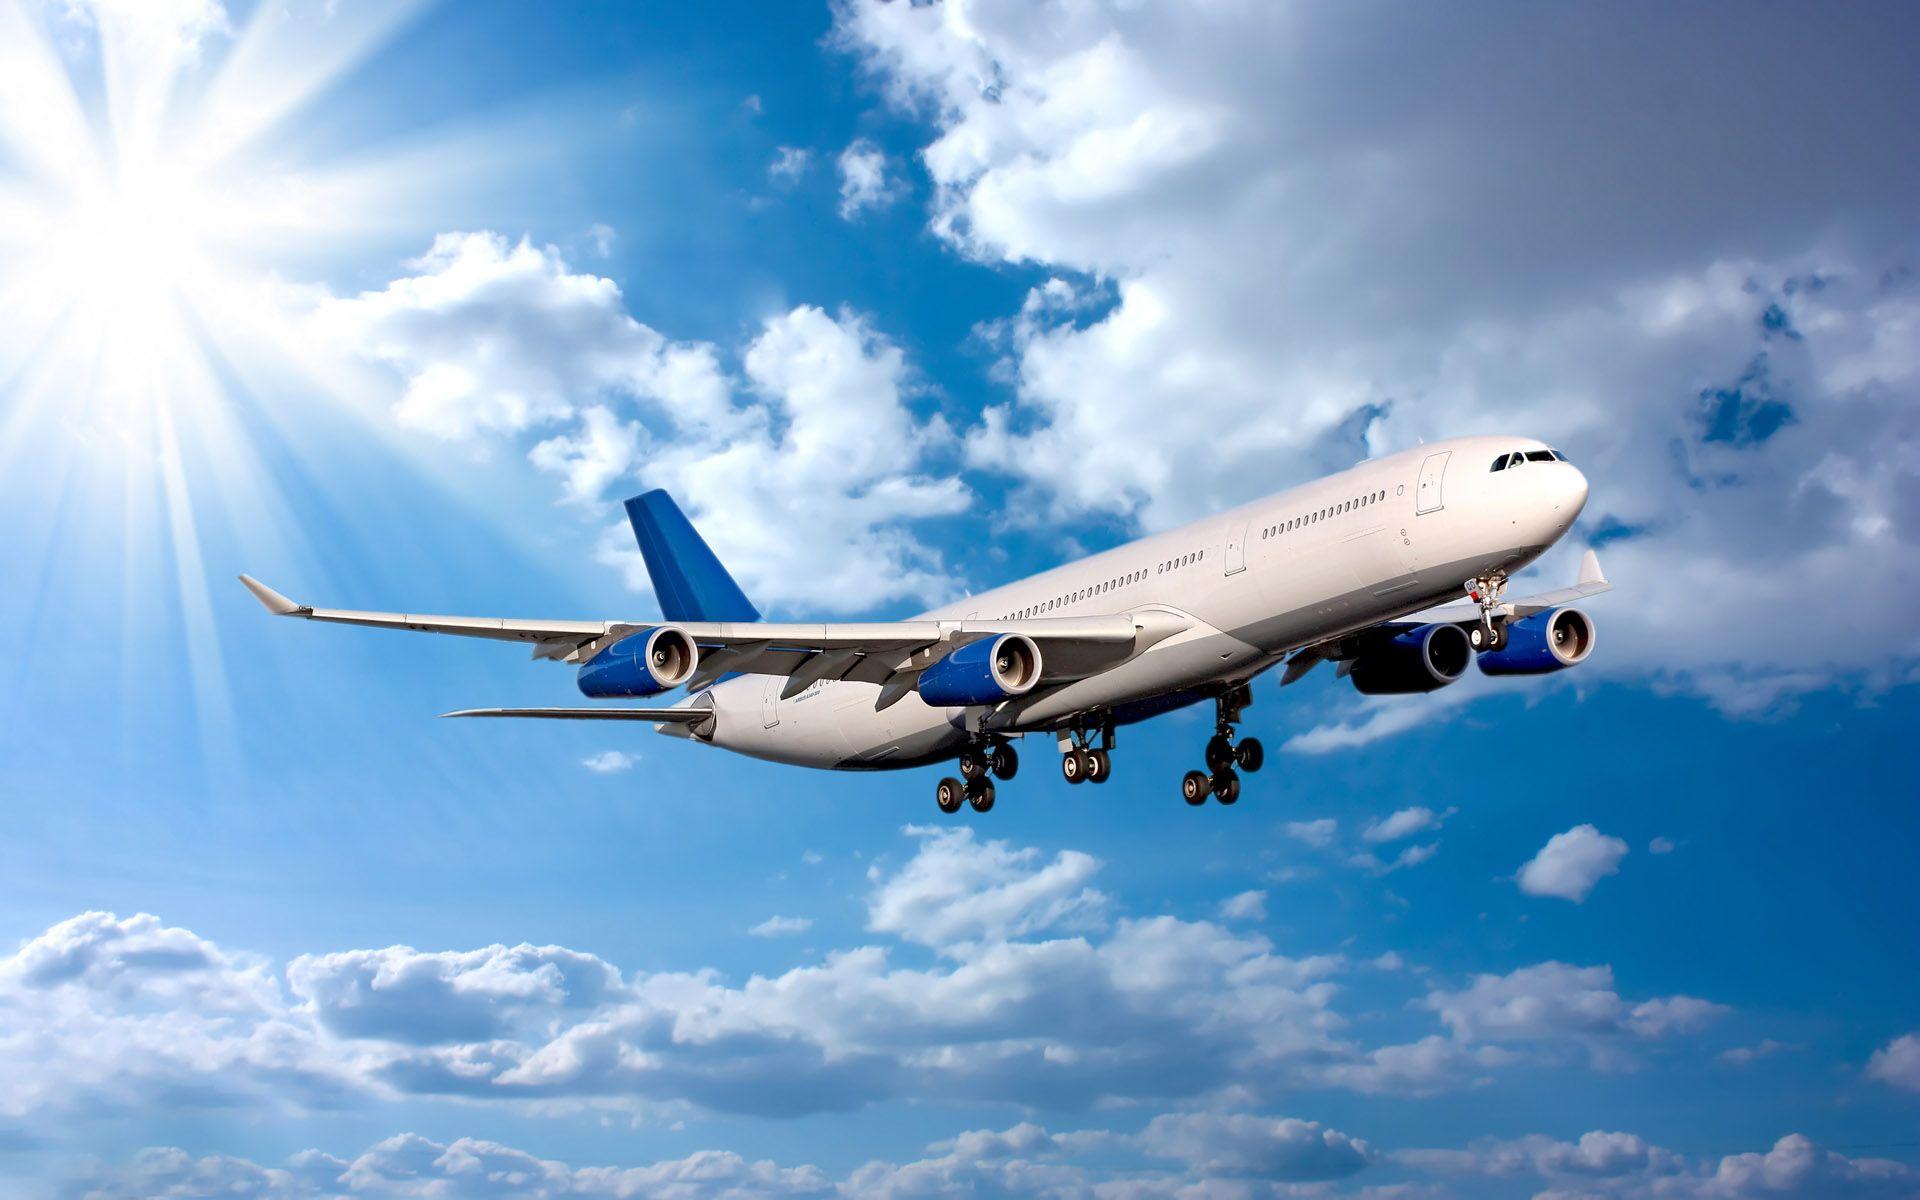 Airline United Parcel Services (UPS) Registration N324UP